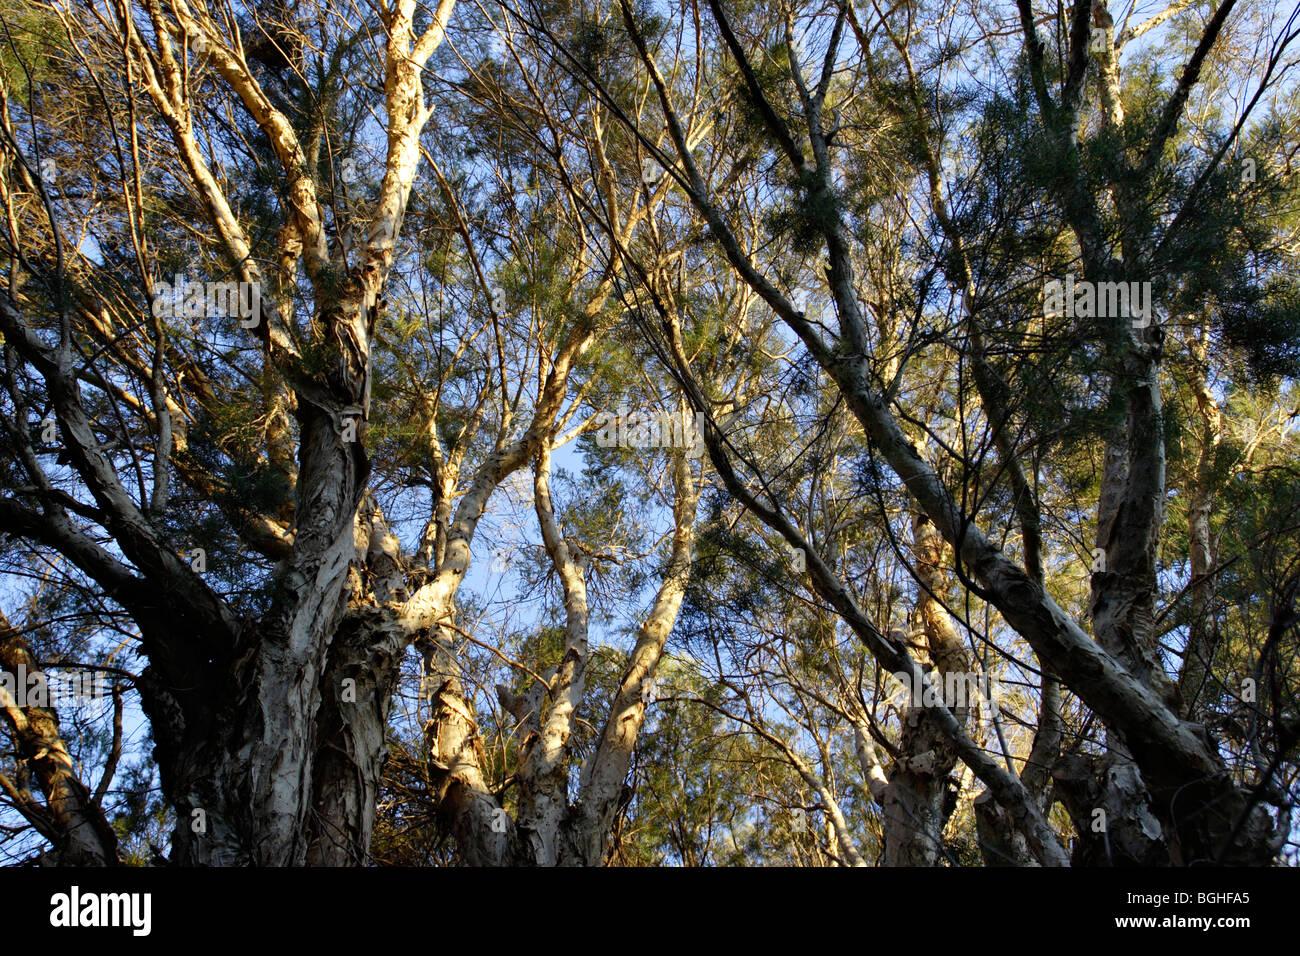 Live Christmas Trees Perth